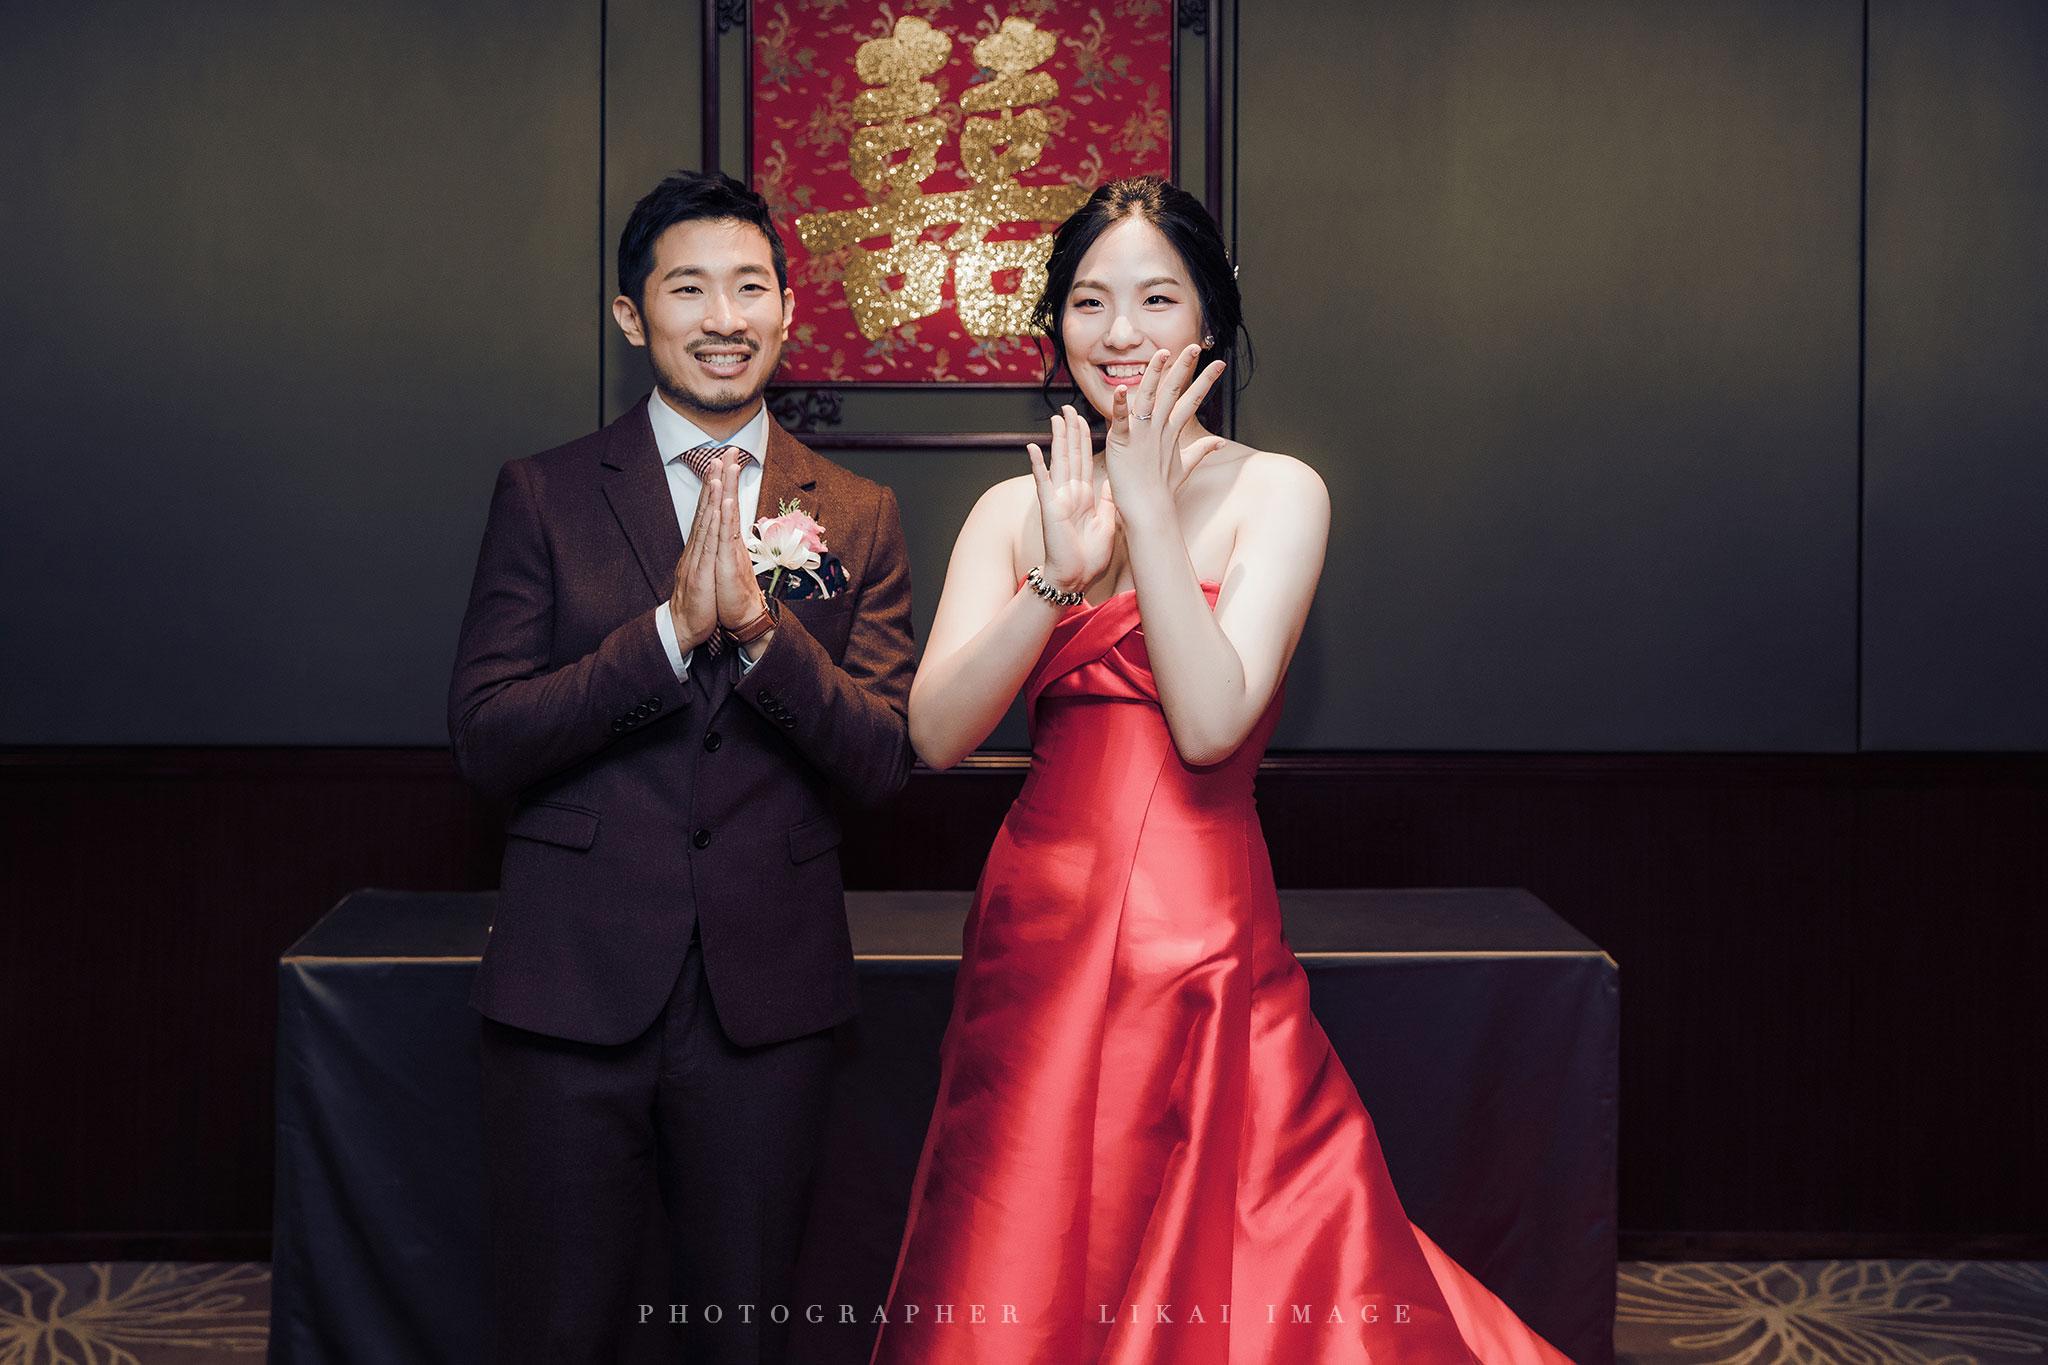 婚禮紀錄 - 佩蓉 & 子豪 - 台北遠企